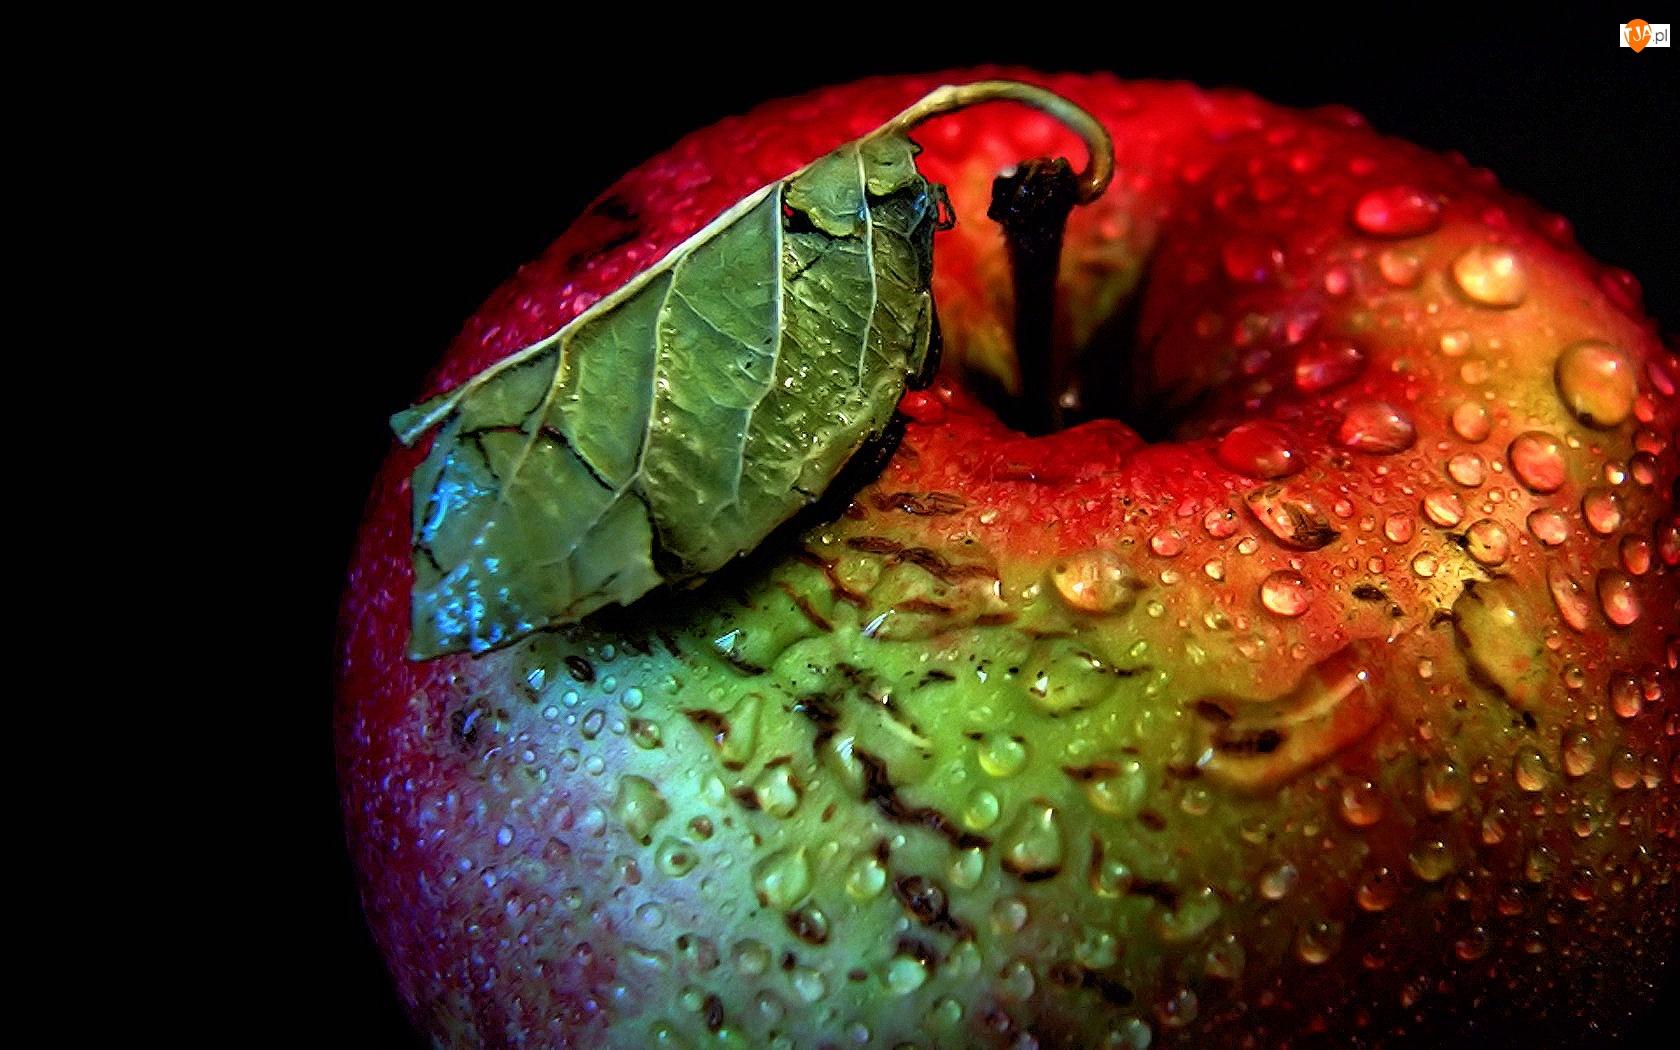 Jabłko, Wody, Liść, Krople